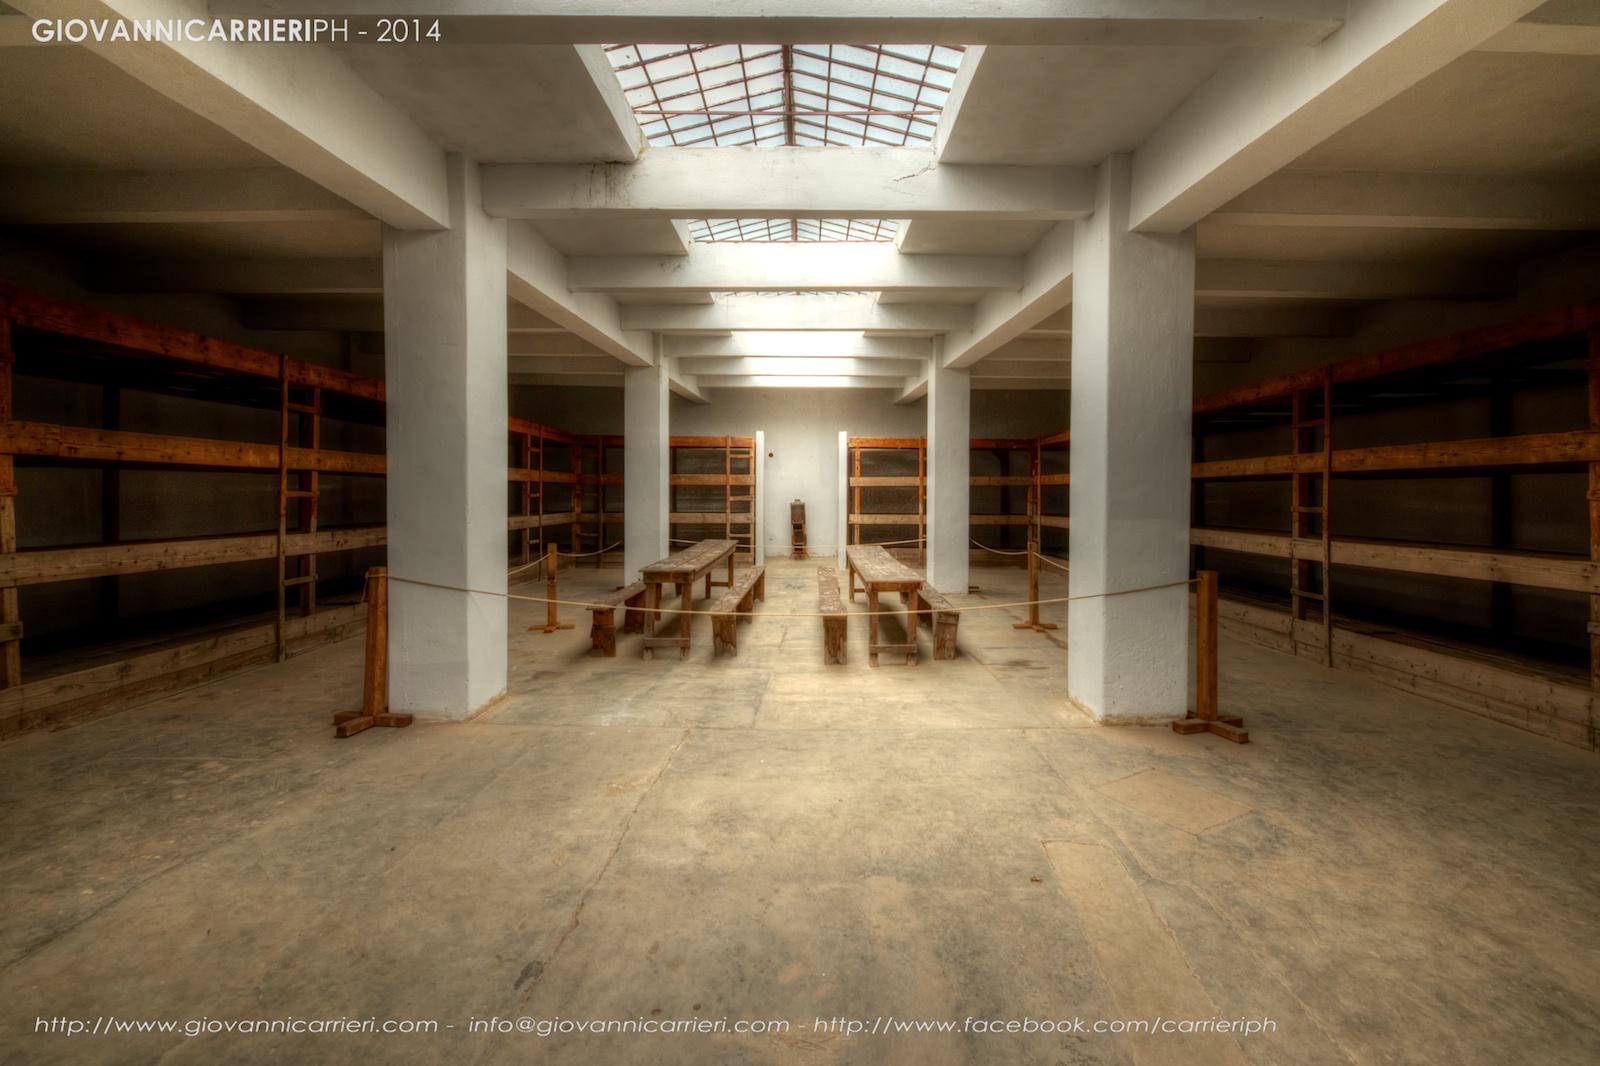 Celle nel quarto cortile per ospitare 400 600 prigionieri - Theresienstadt